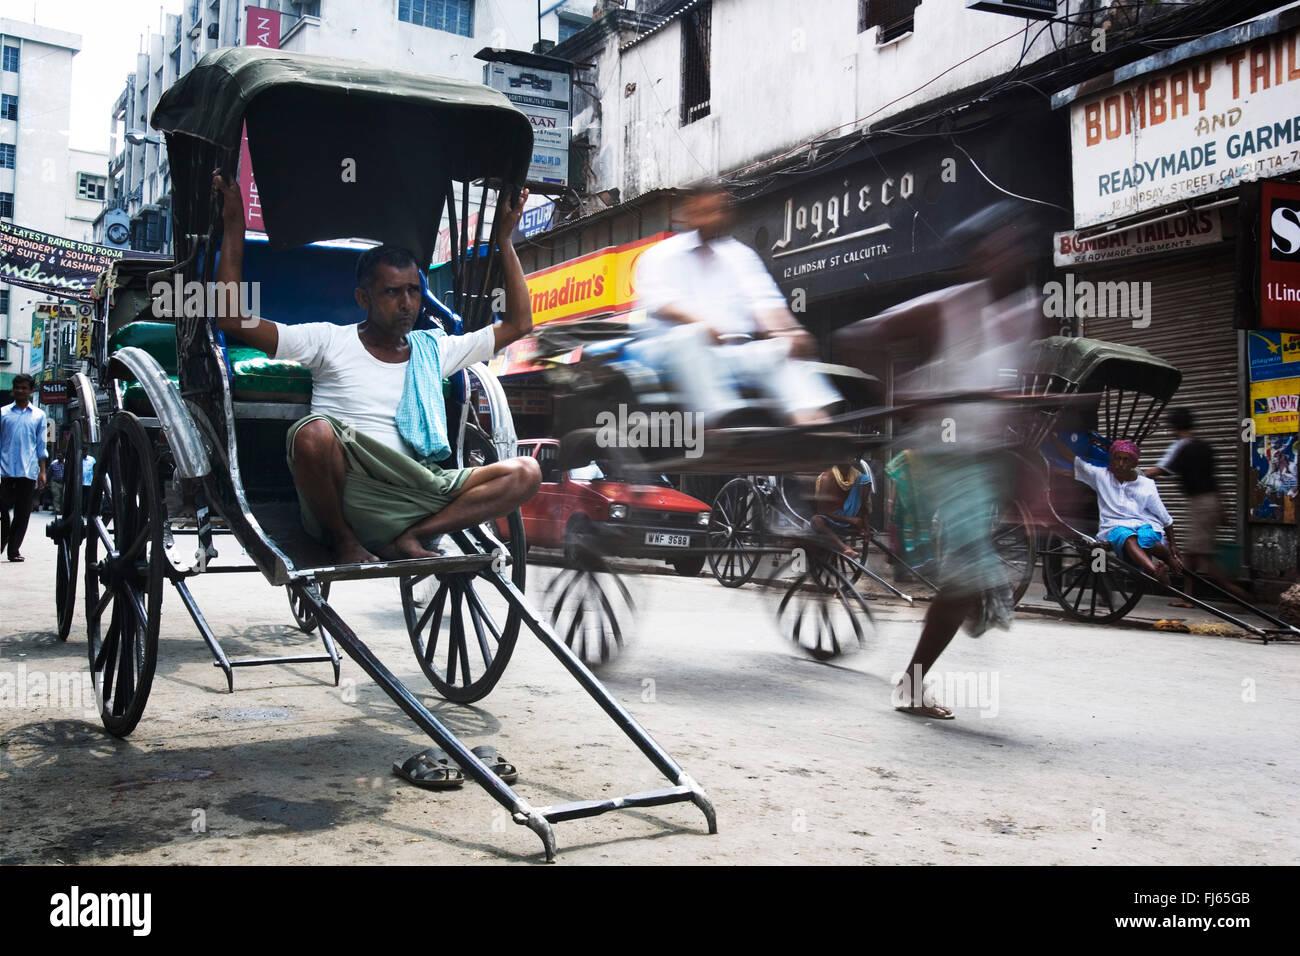 Rikschafahrer, Indien, Kalkutta Stockbild